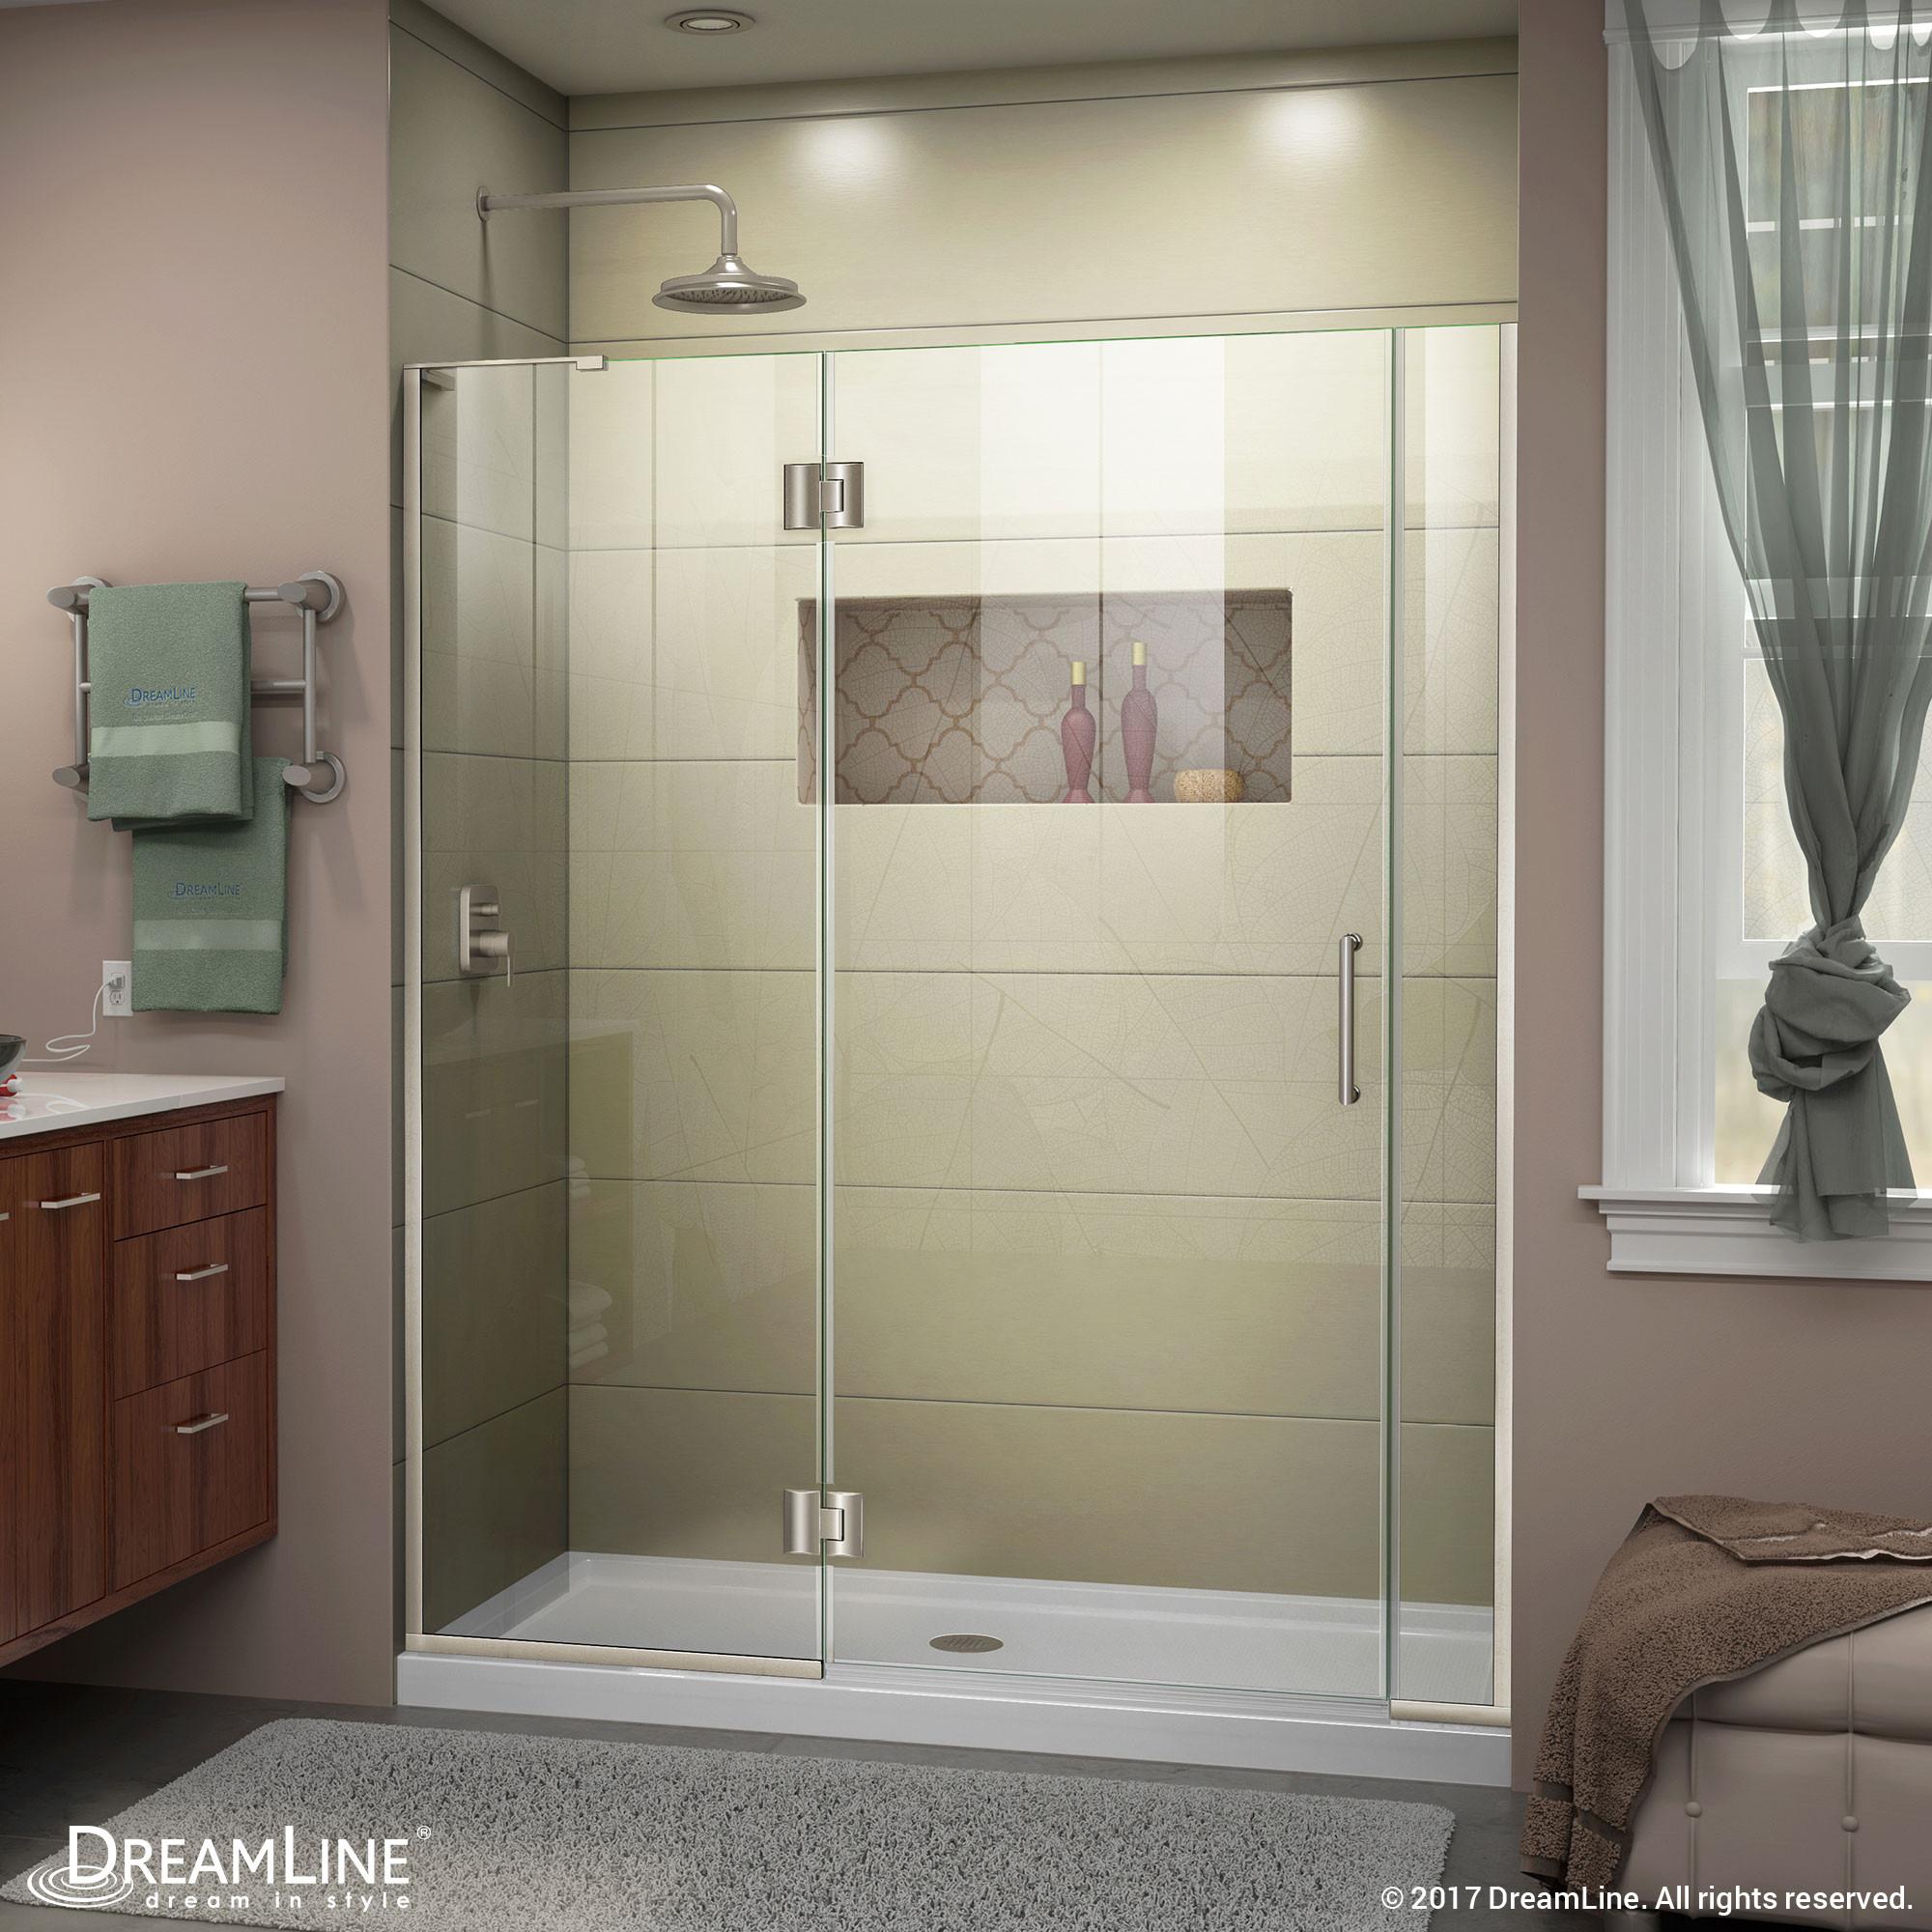 DreamLine D32606572L-04 Brushed Nickel Unidoor-X Hinged Shower Door With Left-wall Bracket